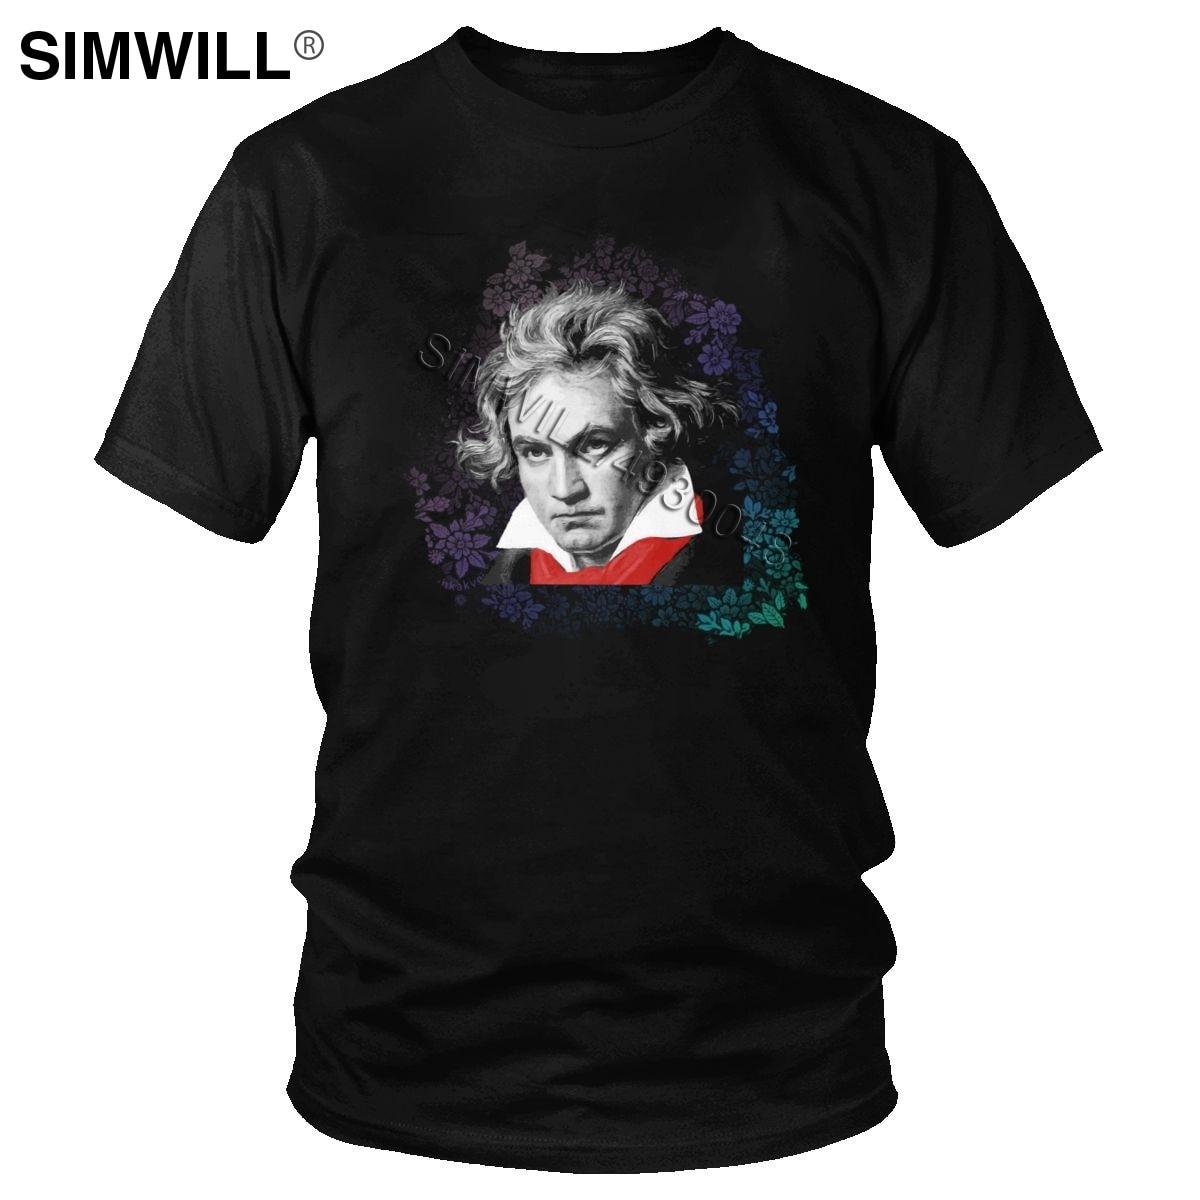 Camiseta de Ludwig Van beetken para hombre, ropa de manga corta con...